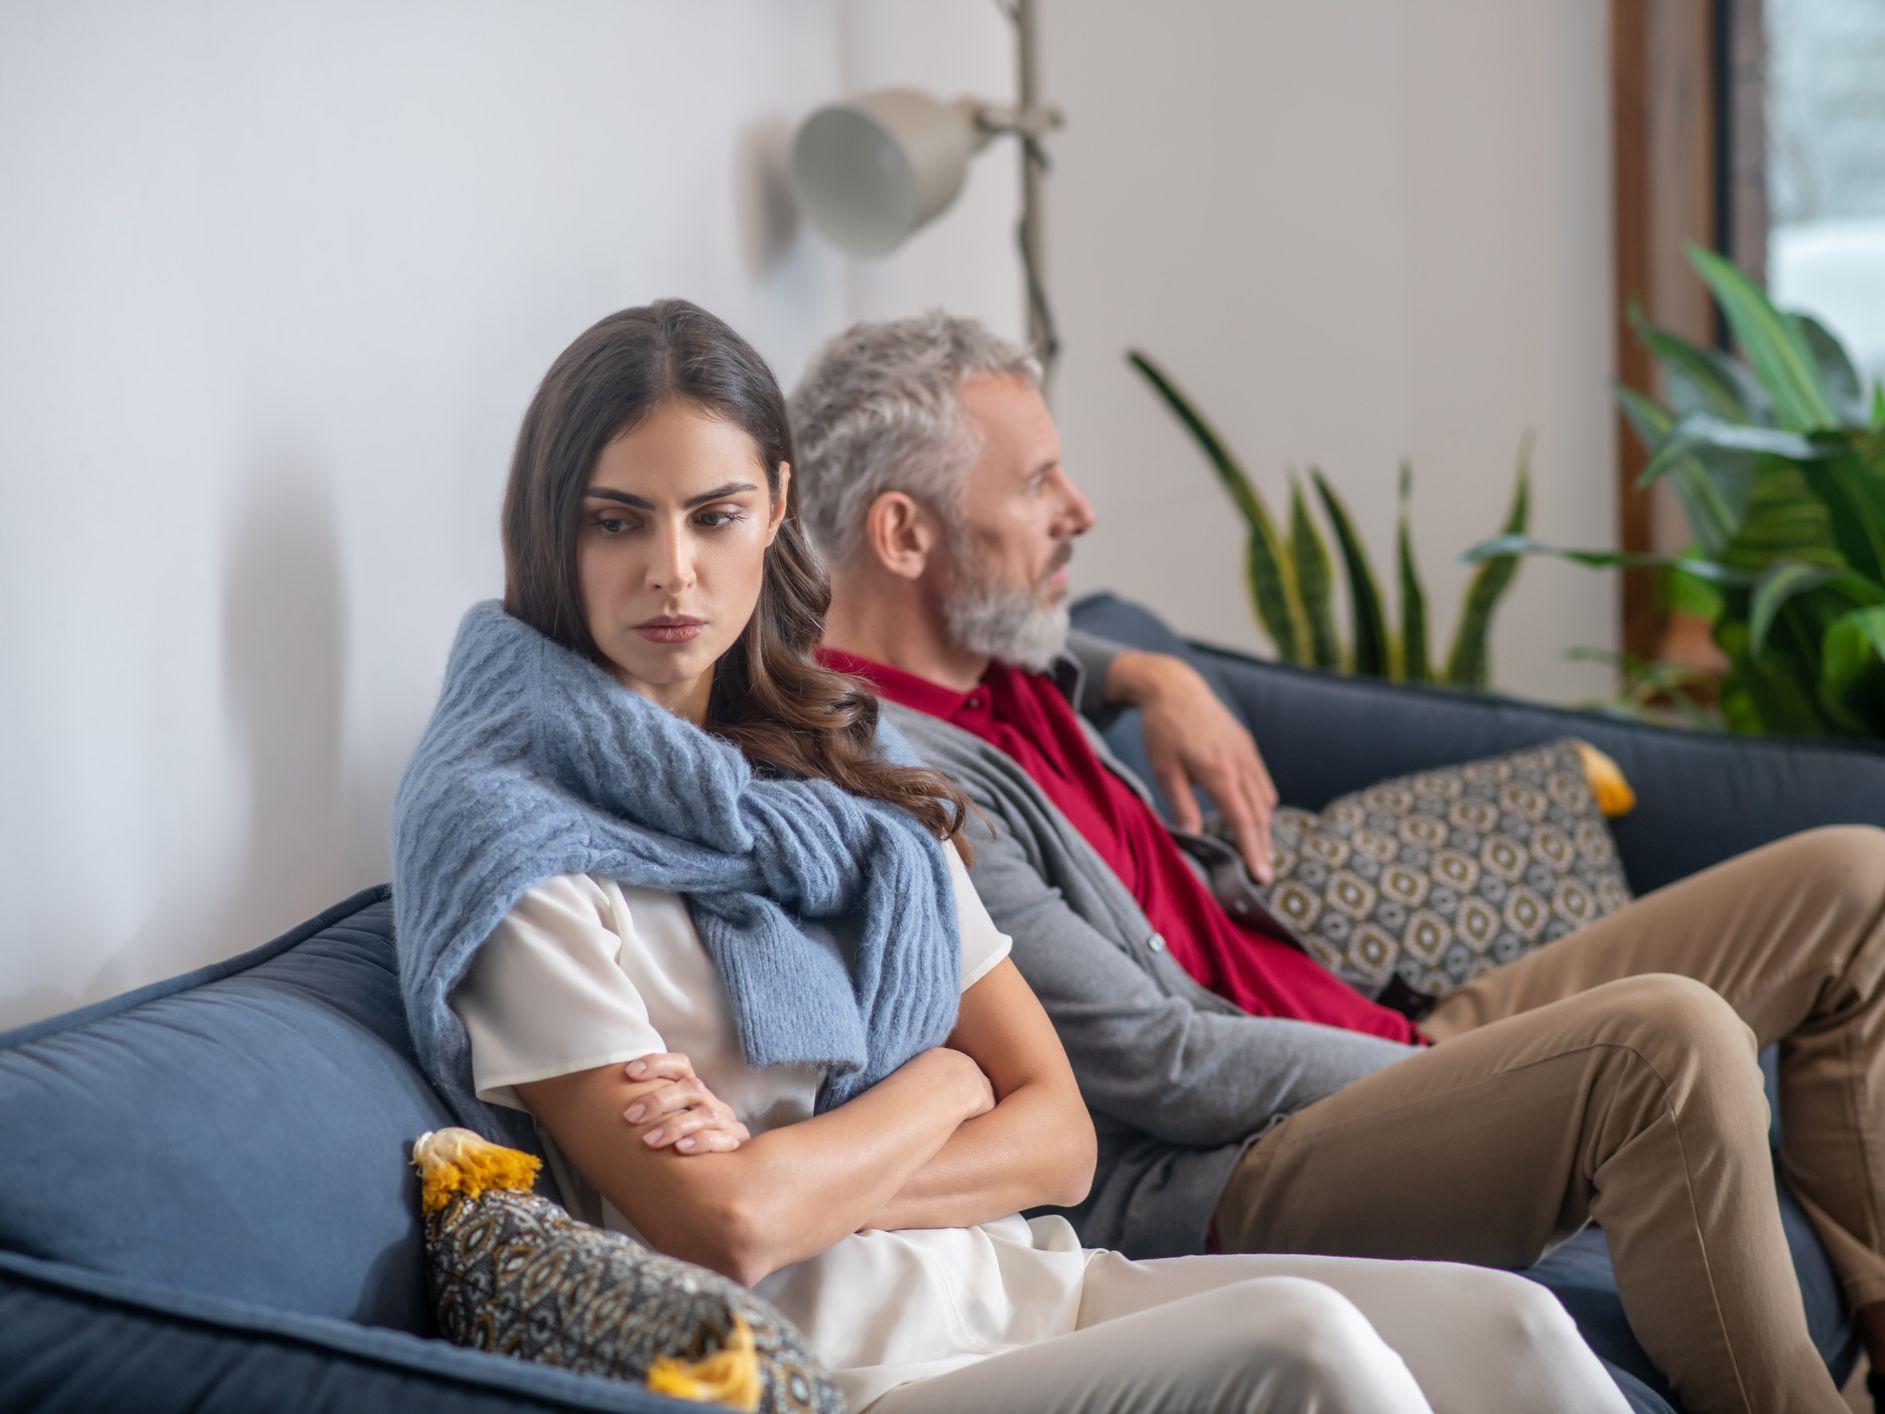 Attracted psychology older women to men 15 Women